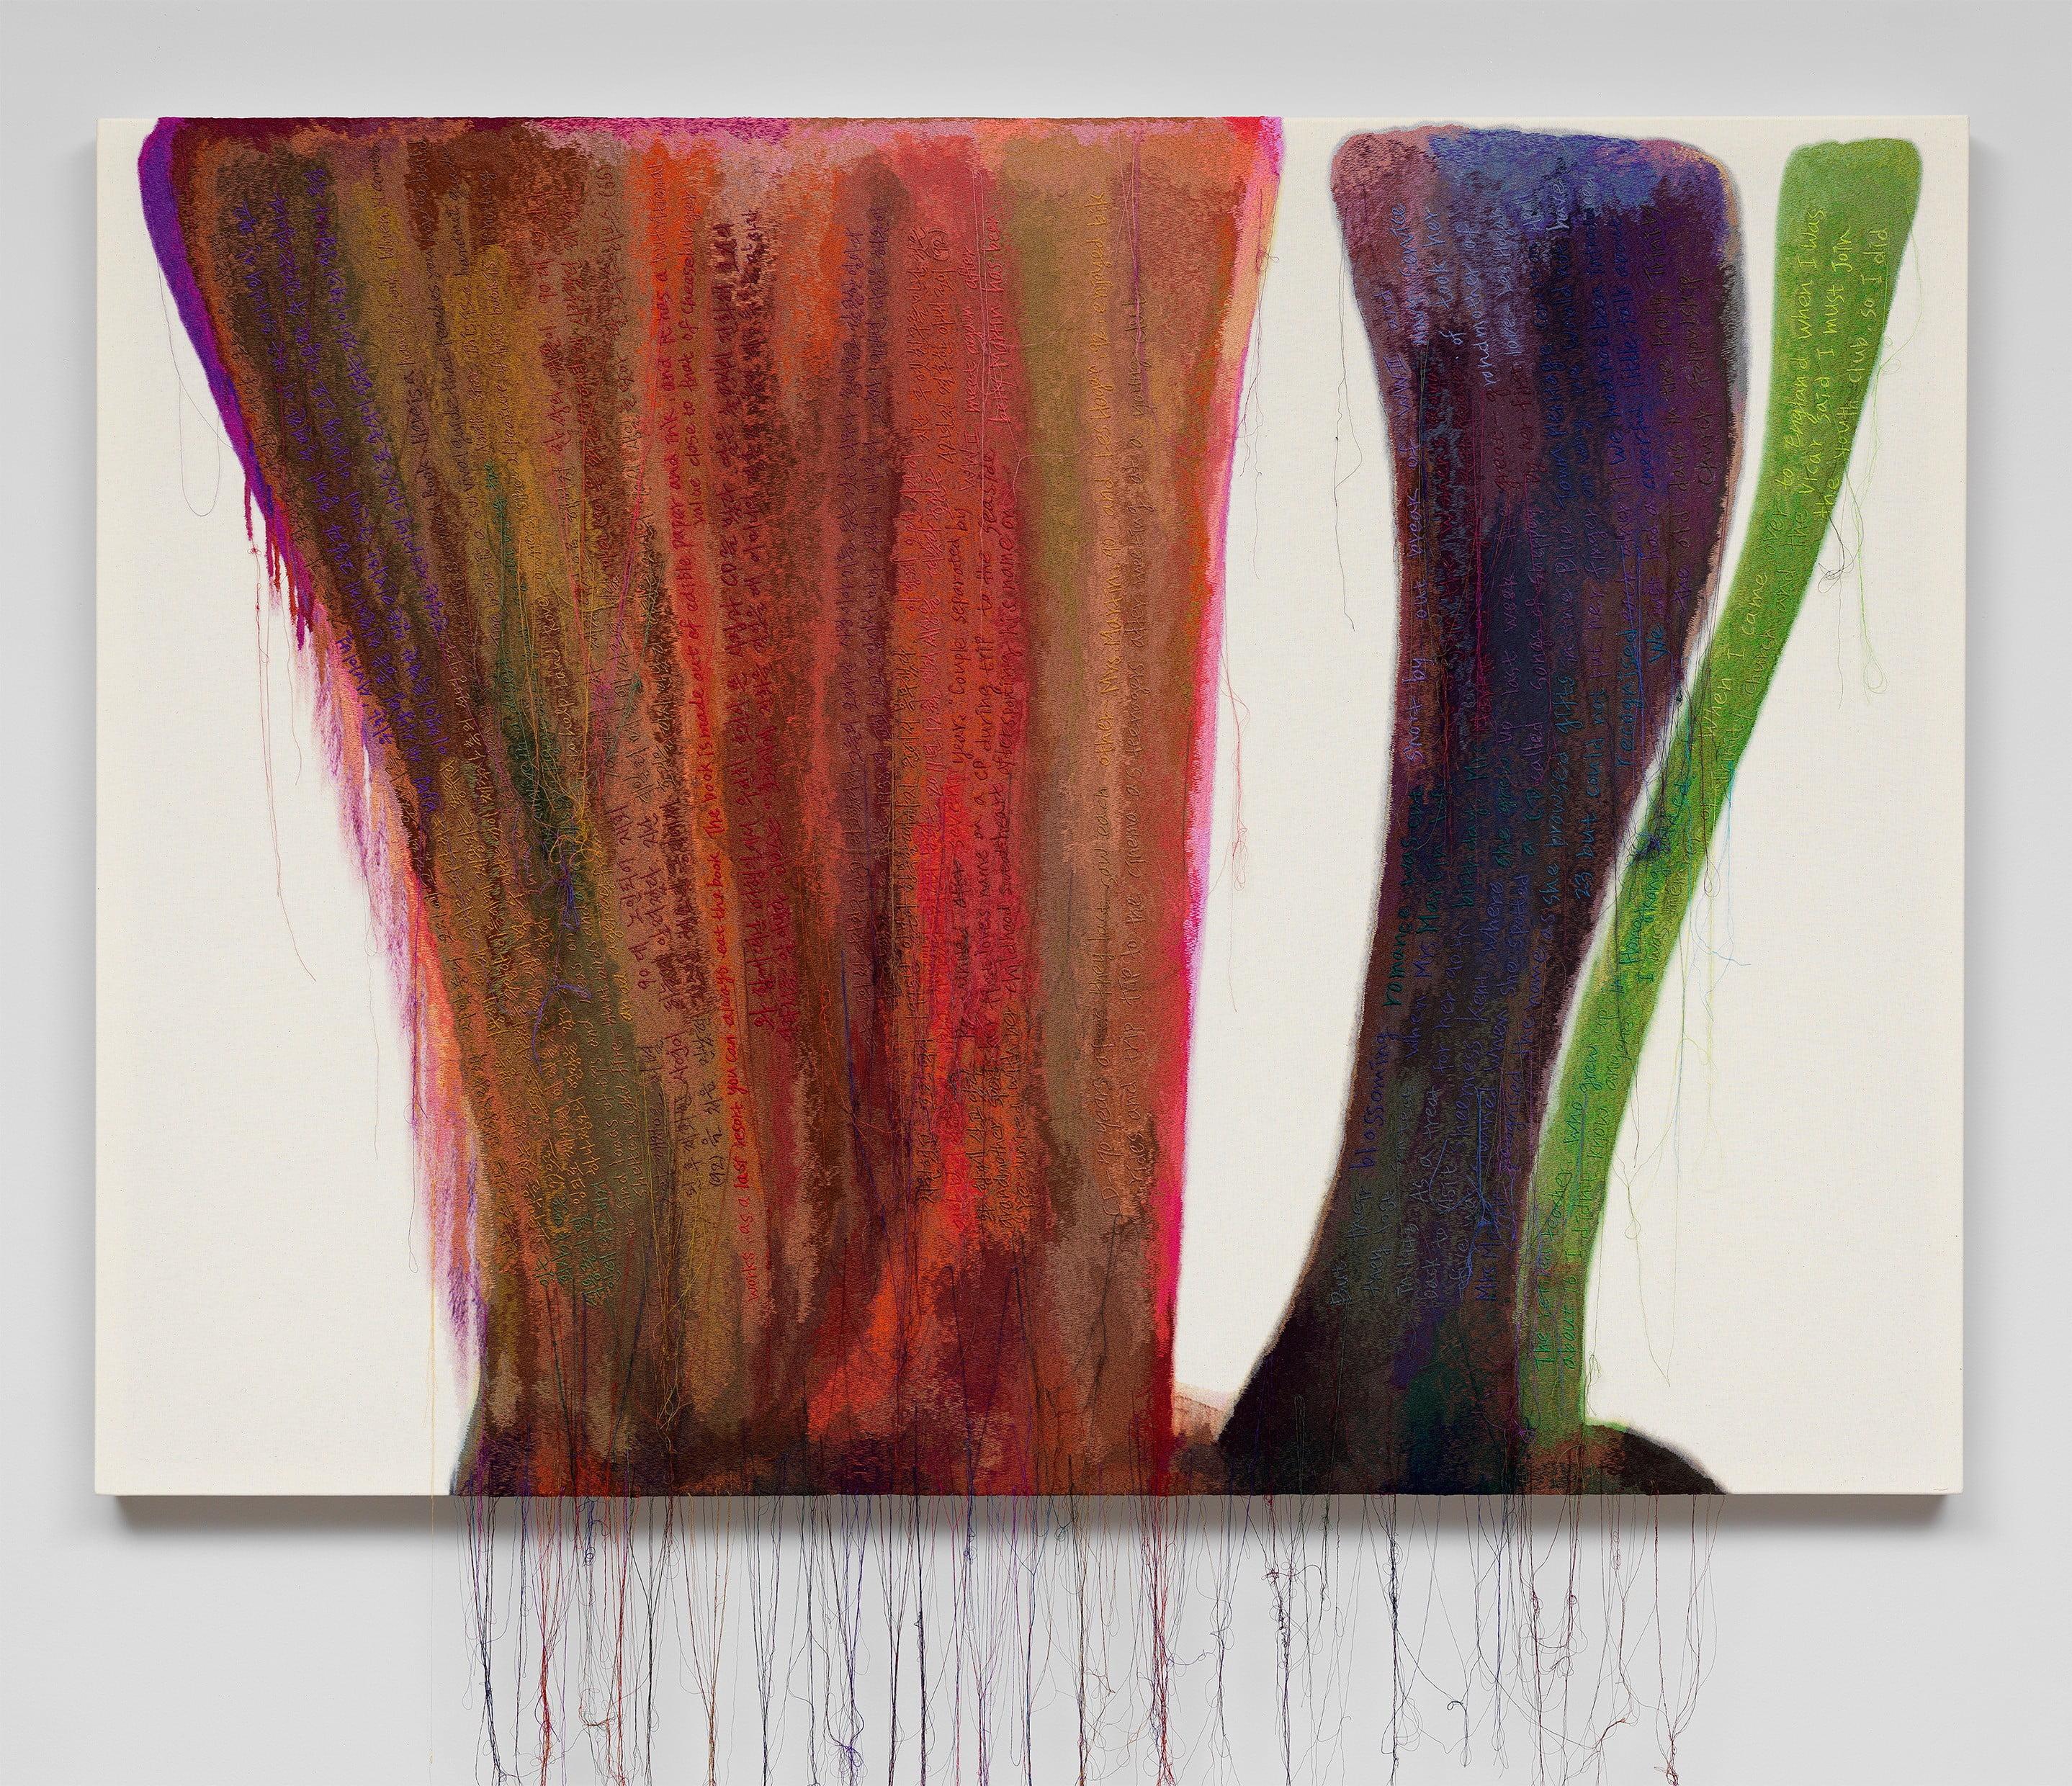 abstract weave morris louis dalet tzadik 1958 ss01 01 2015 by kyungah ham